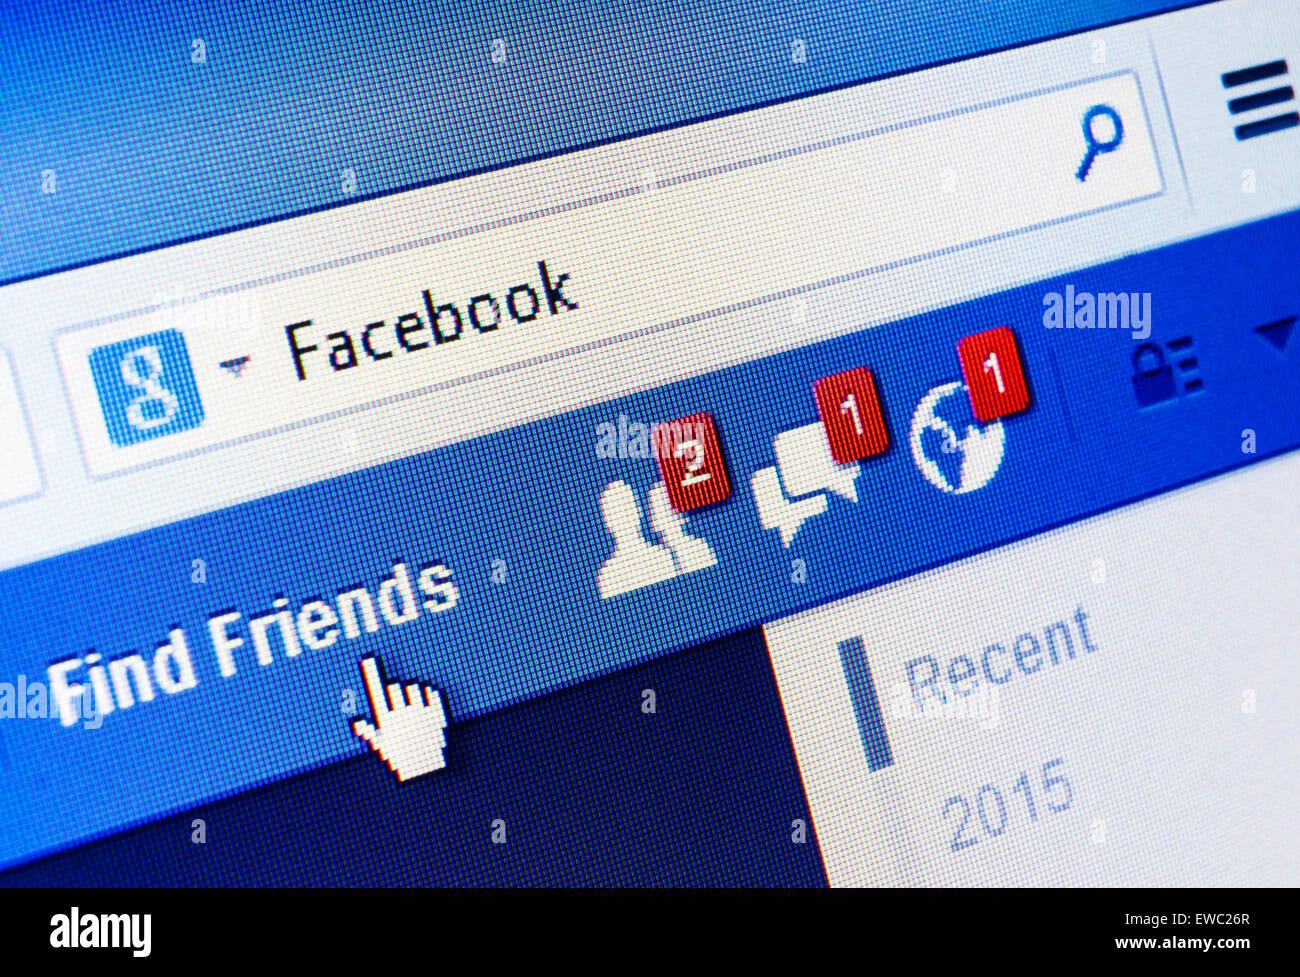 GDANSK, Polonia - 18 de enero de 2015. Facebook.com homepage en la pantalla. Facebook es una red social y de microblogging Imagen De Stock